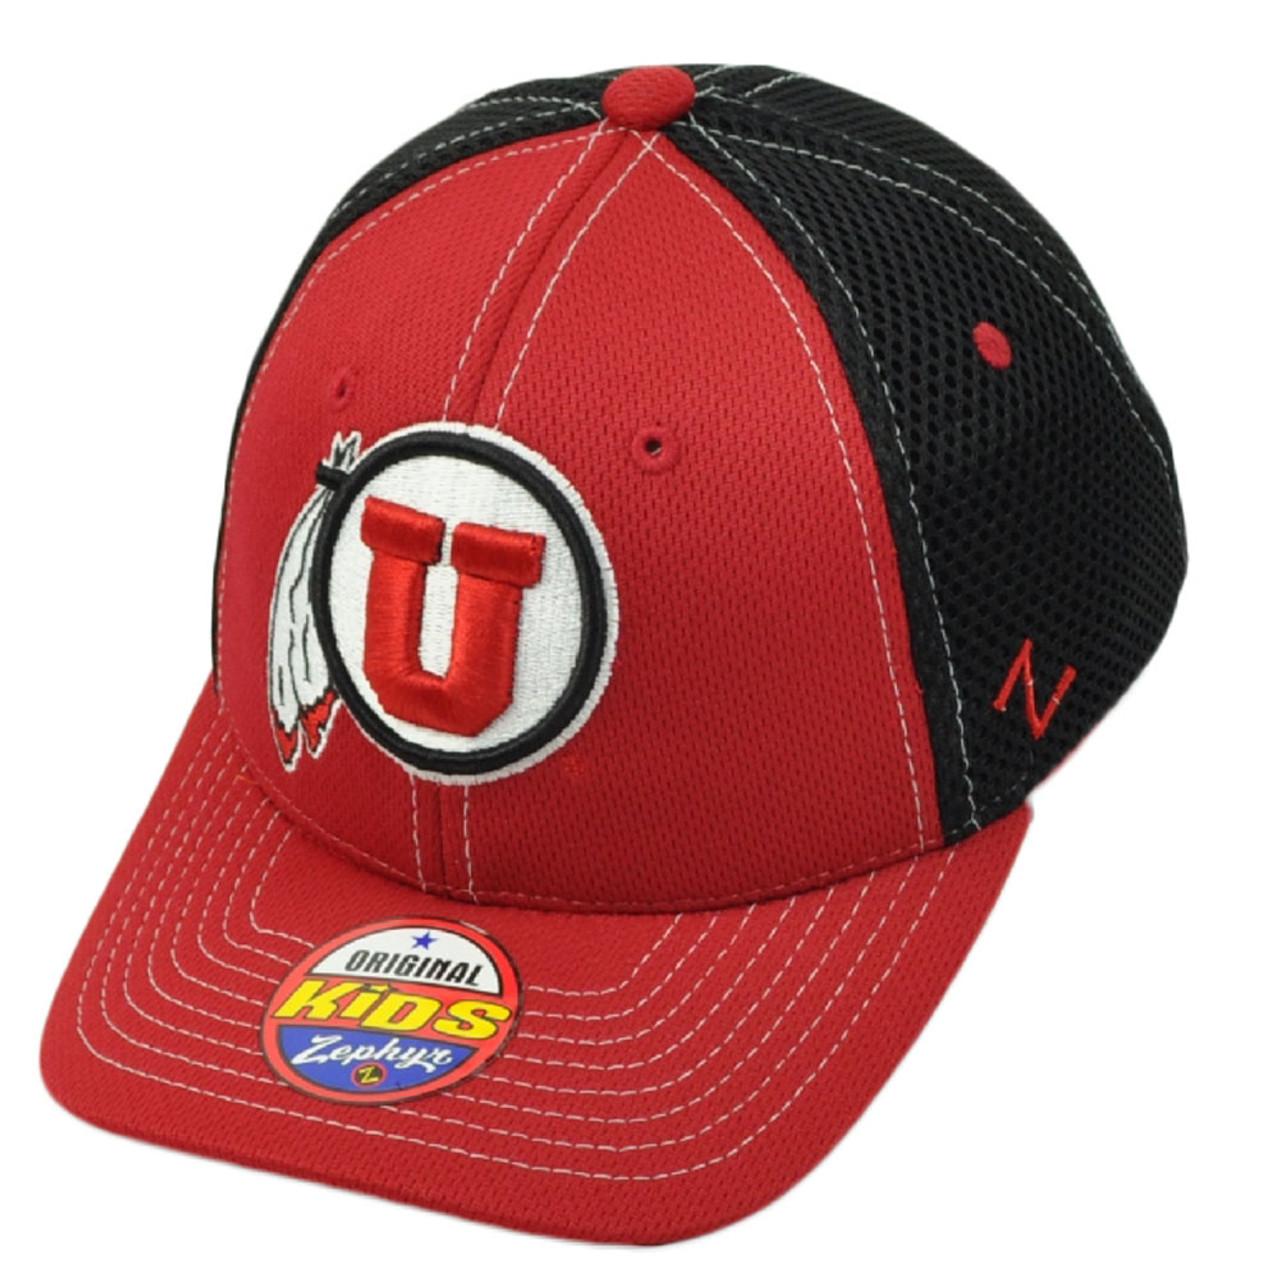 official photos 911d3 e3d9d NCAA Zephyr Utah Utes Flex Fit Medium Large Jersey Mesh Hat Cap Red Black  Stretch